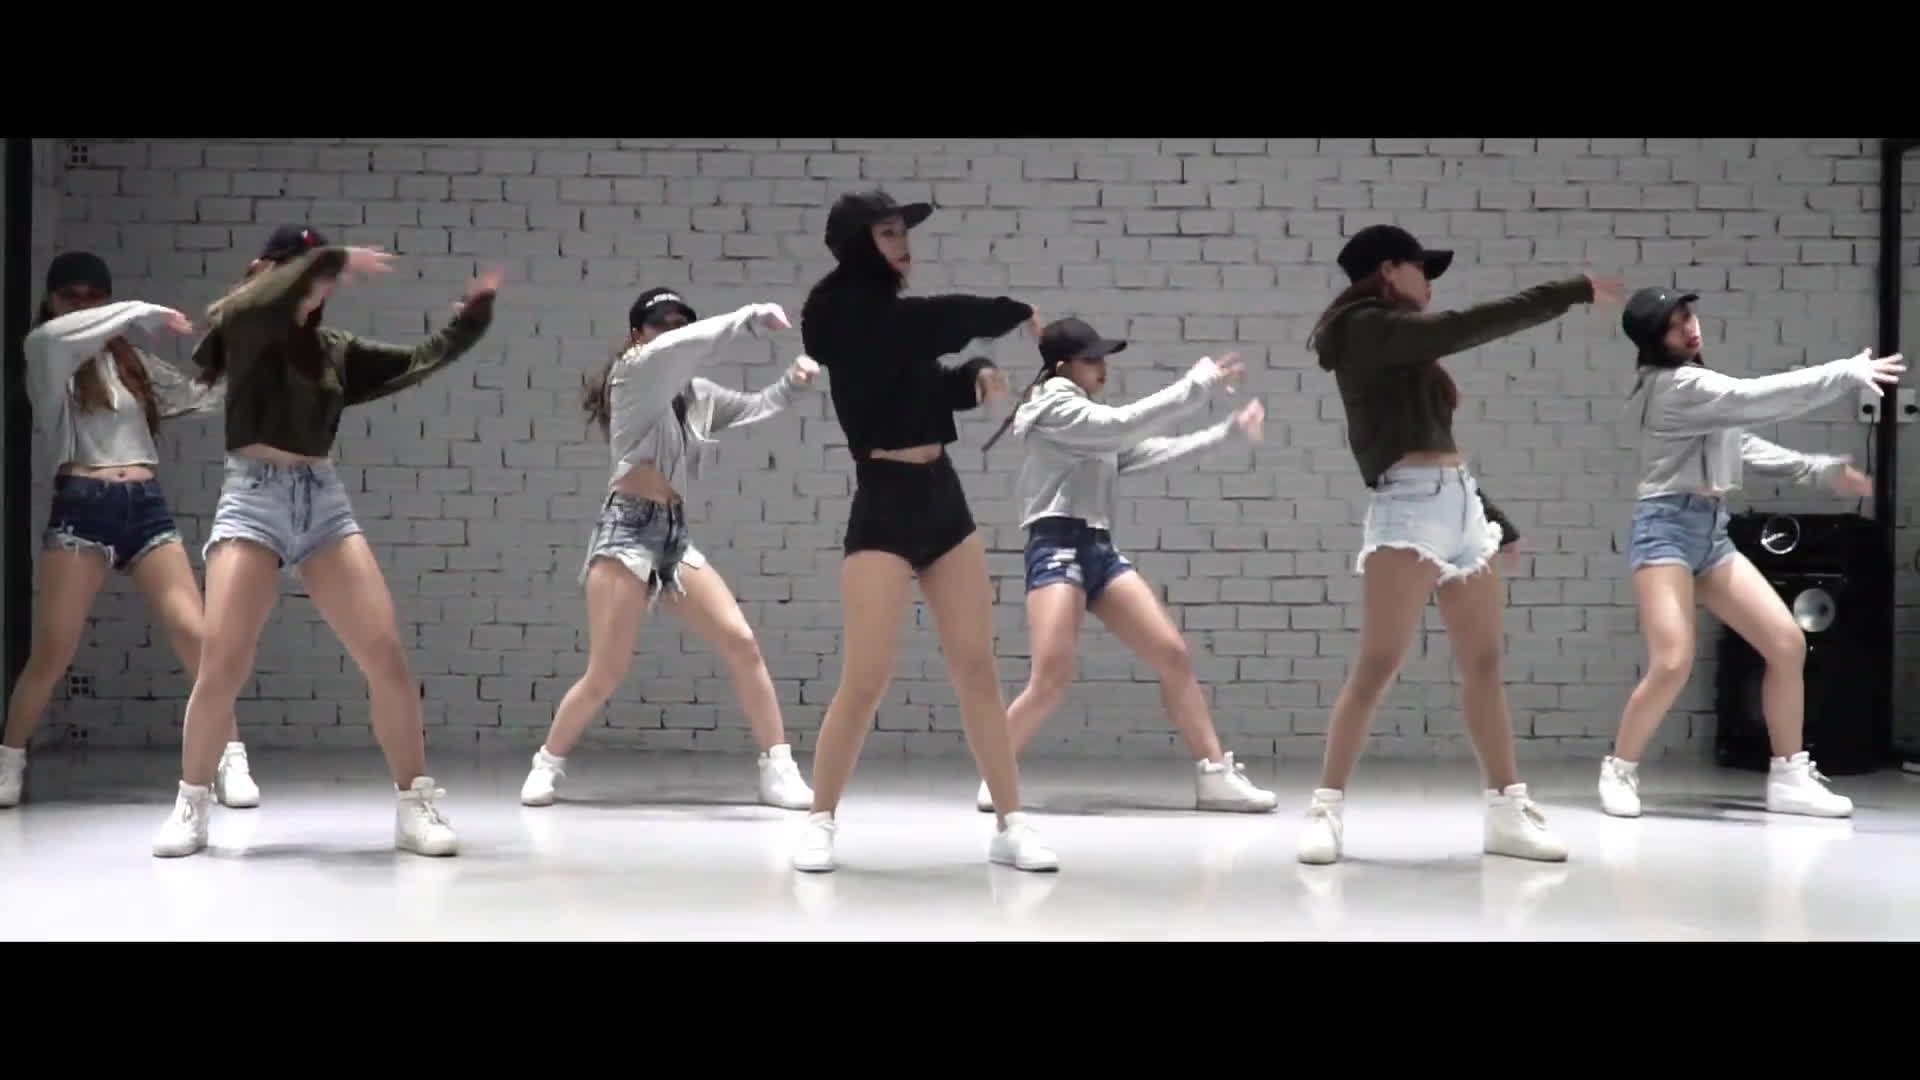 Đông Nhi tung bản dance chất lừ cho hit mùa hè Love Me Too